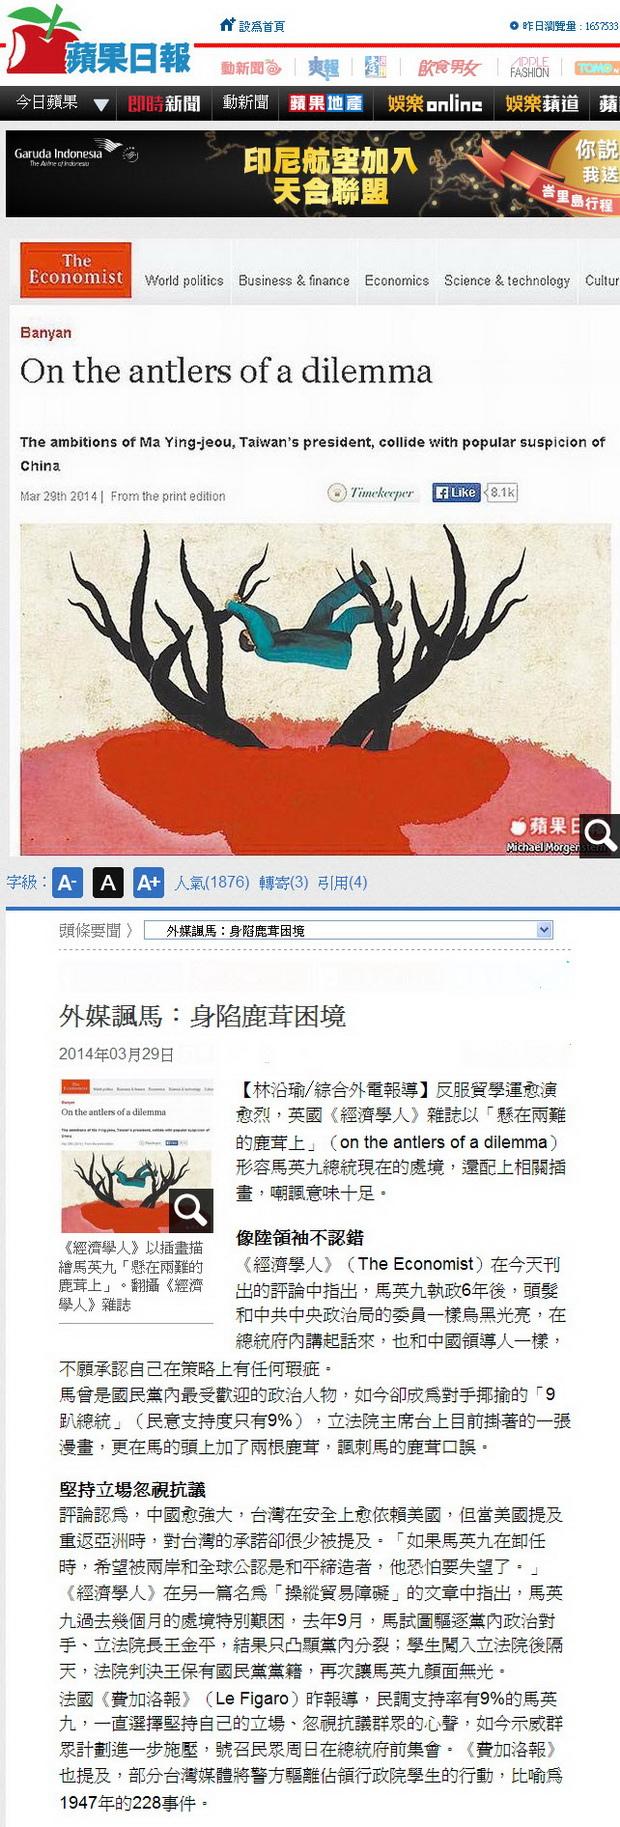 外媒諷馬:身陷鹿茸困境-2013.03.29.jpg